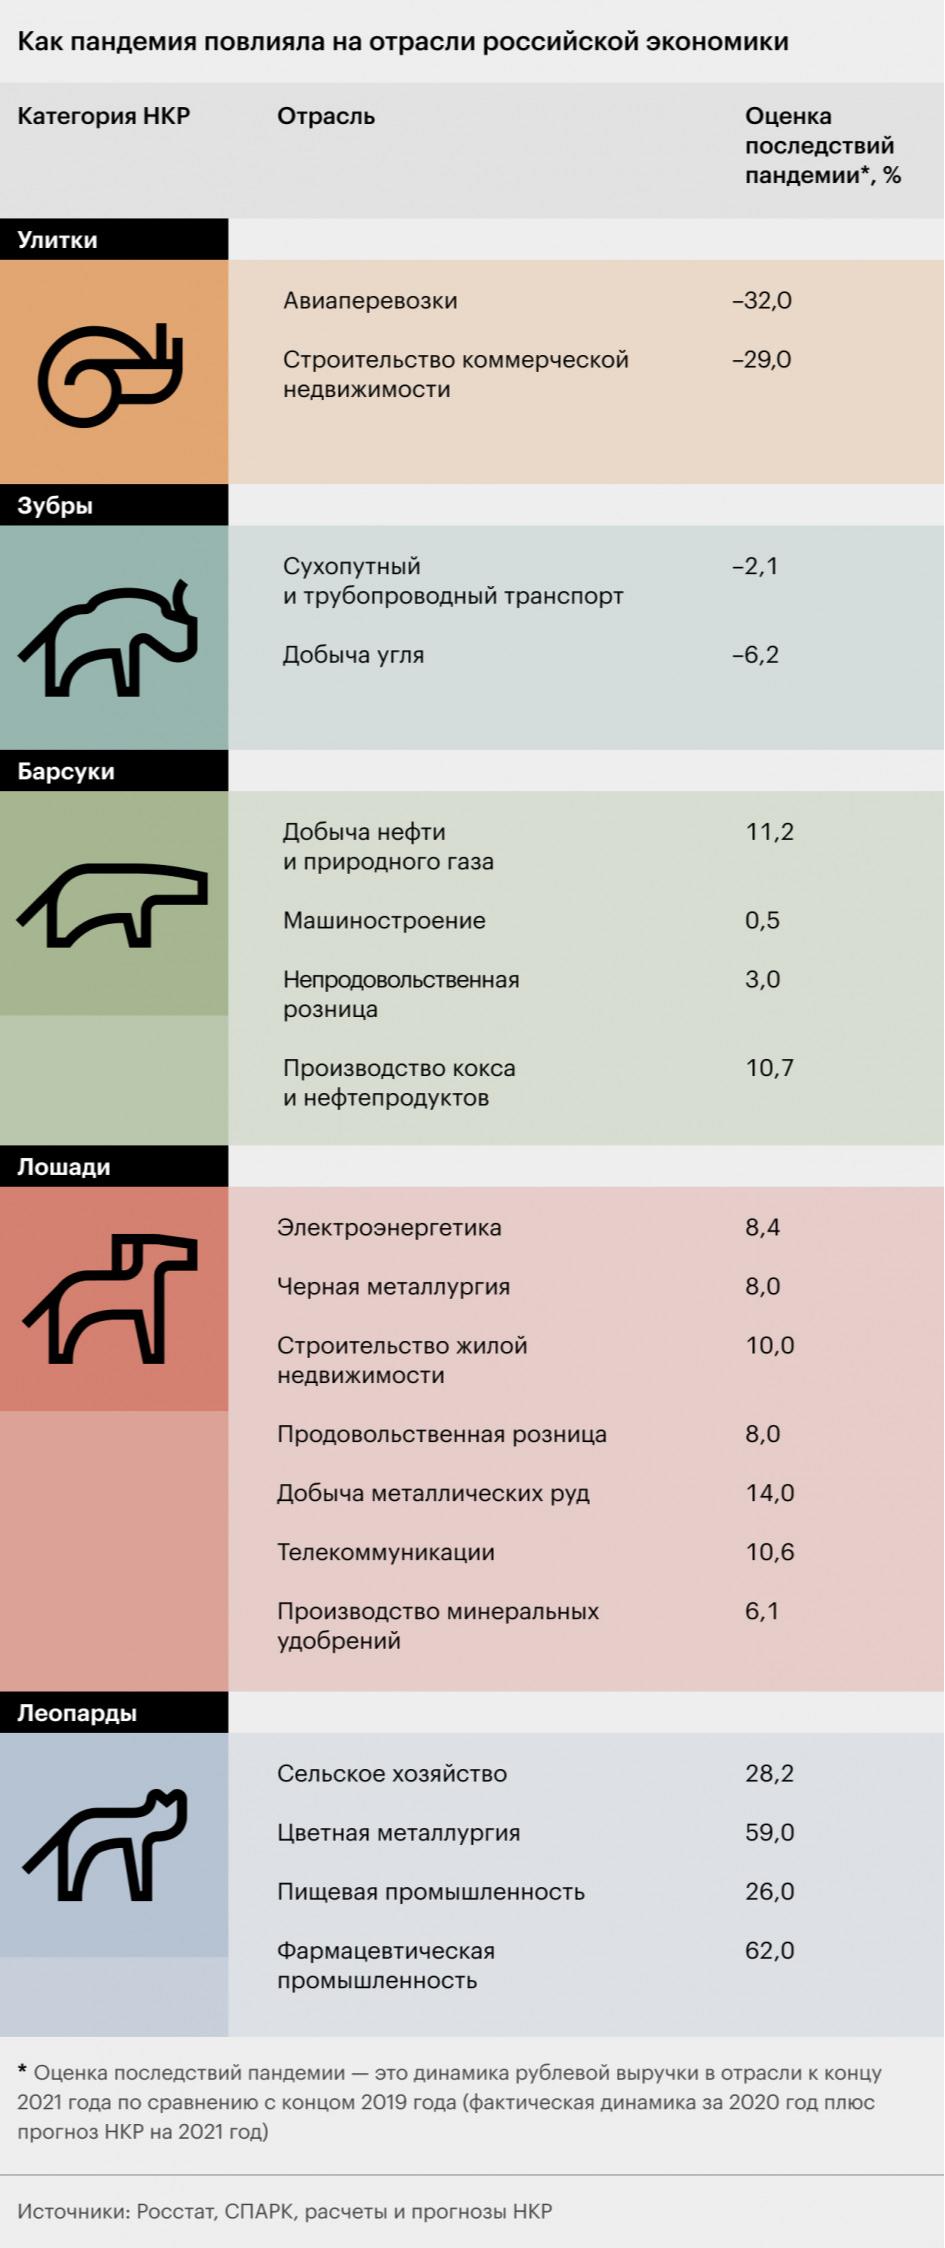 Какие леопарды заработали в России на пандемии больше всех. Инфографика